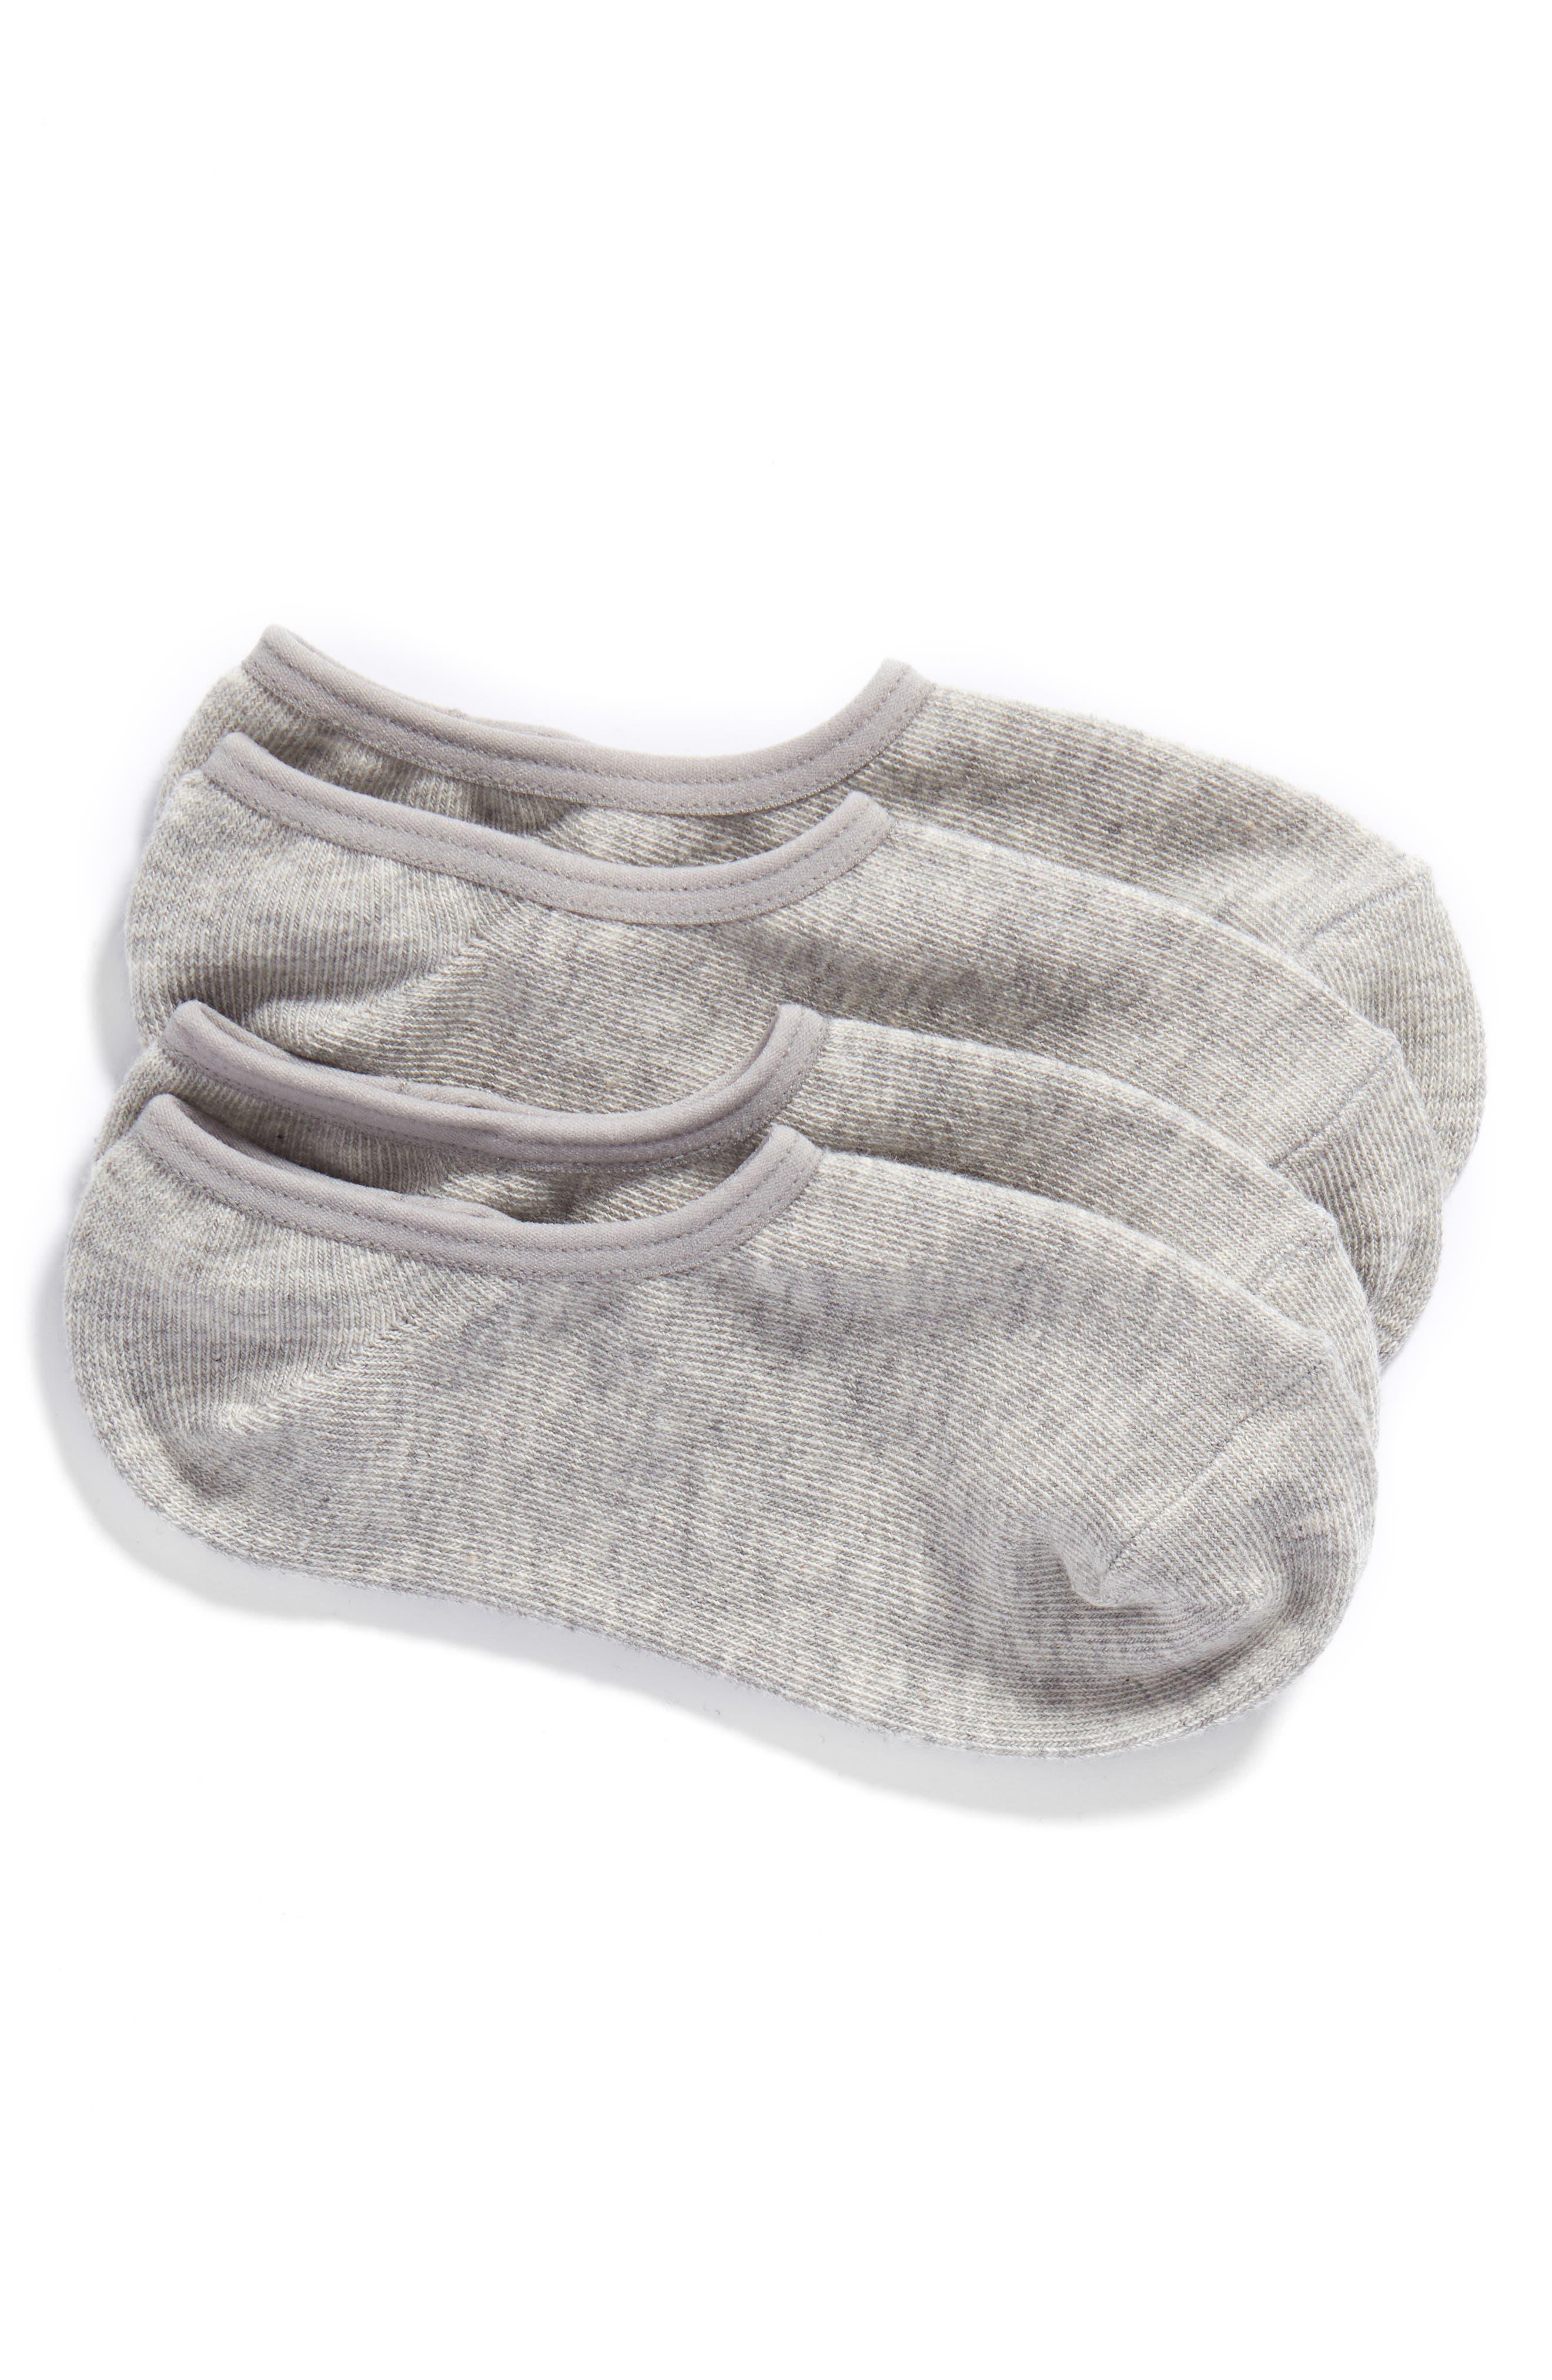 SOCKART 2-Pack Liner Socks